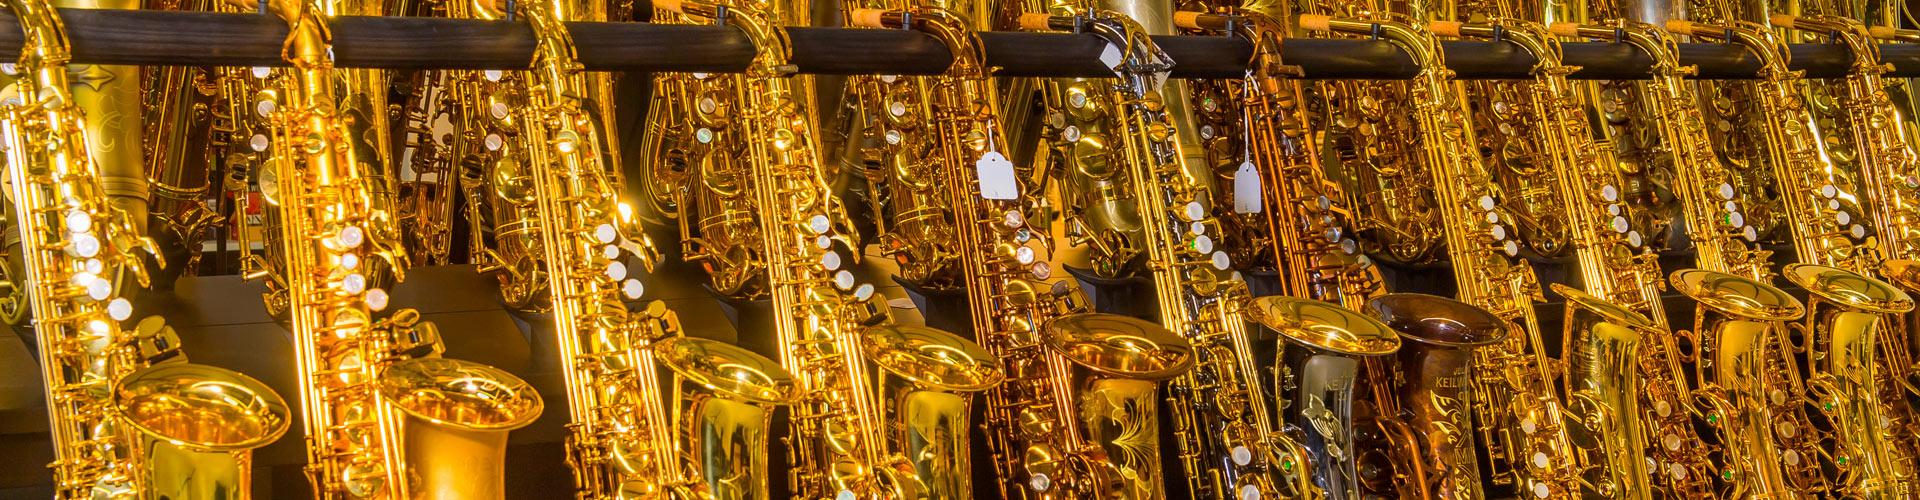 Die Saxophontheke des Musikhaus Beck. Über 50 Saxophone zum direkten Anspielen.